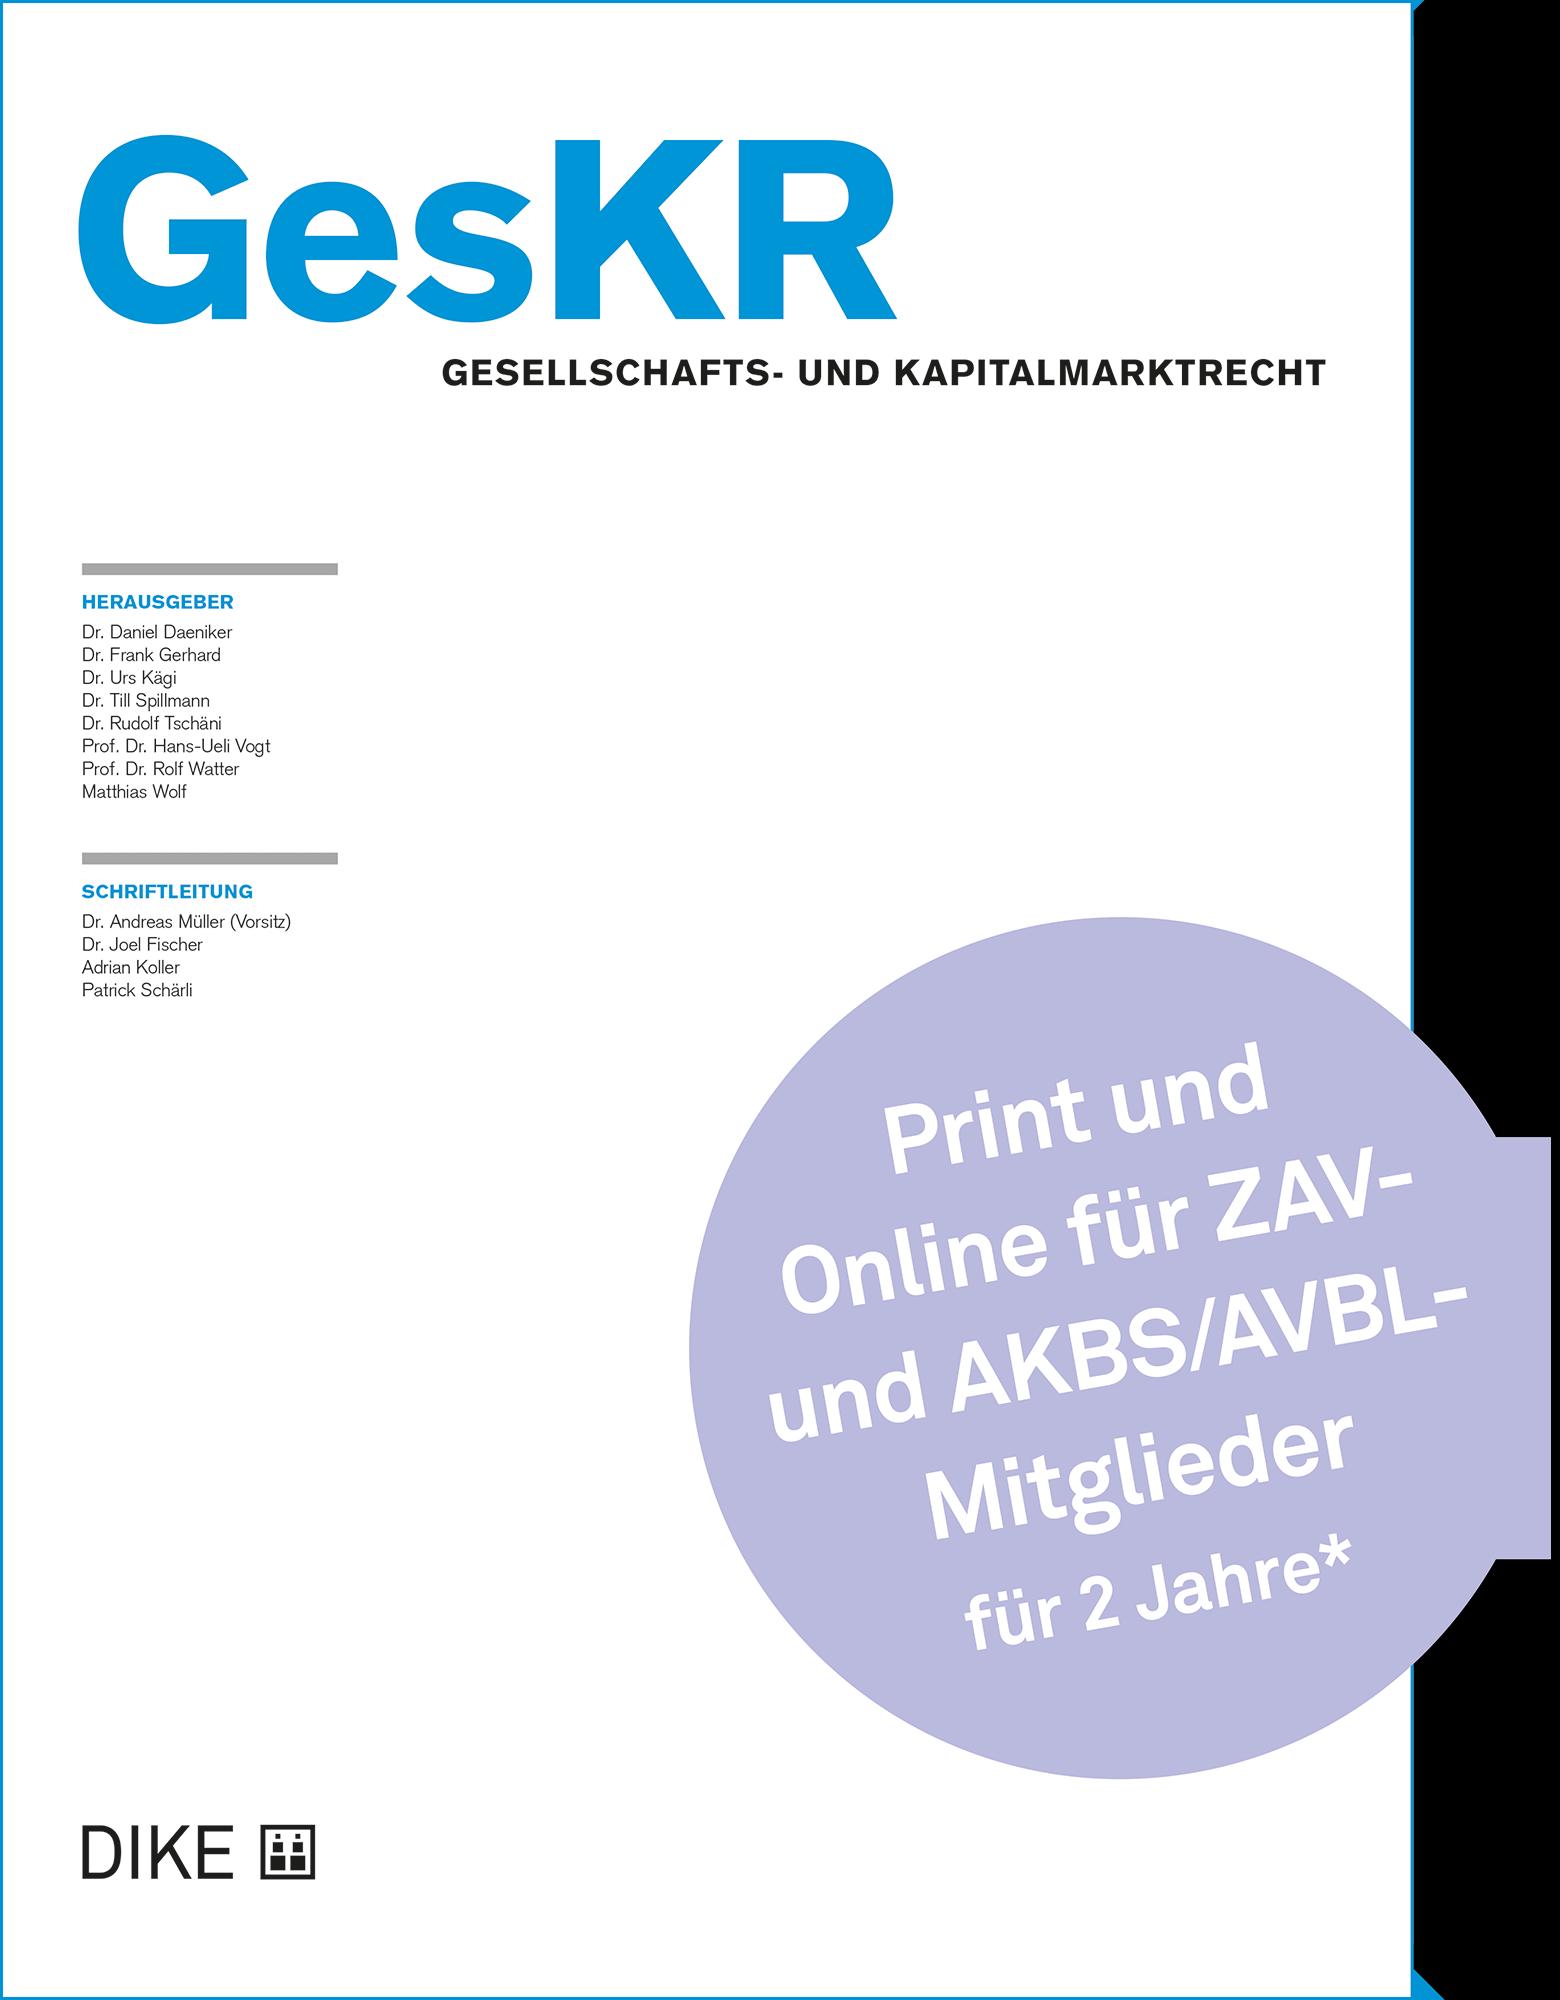 GesKR Abonnement für AV- und AKBS/AVBL-Mitglieder